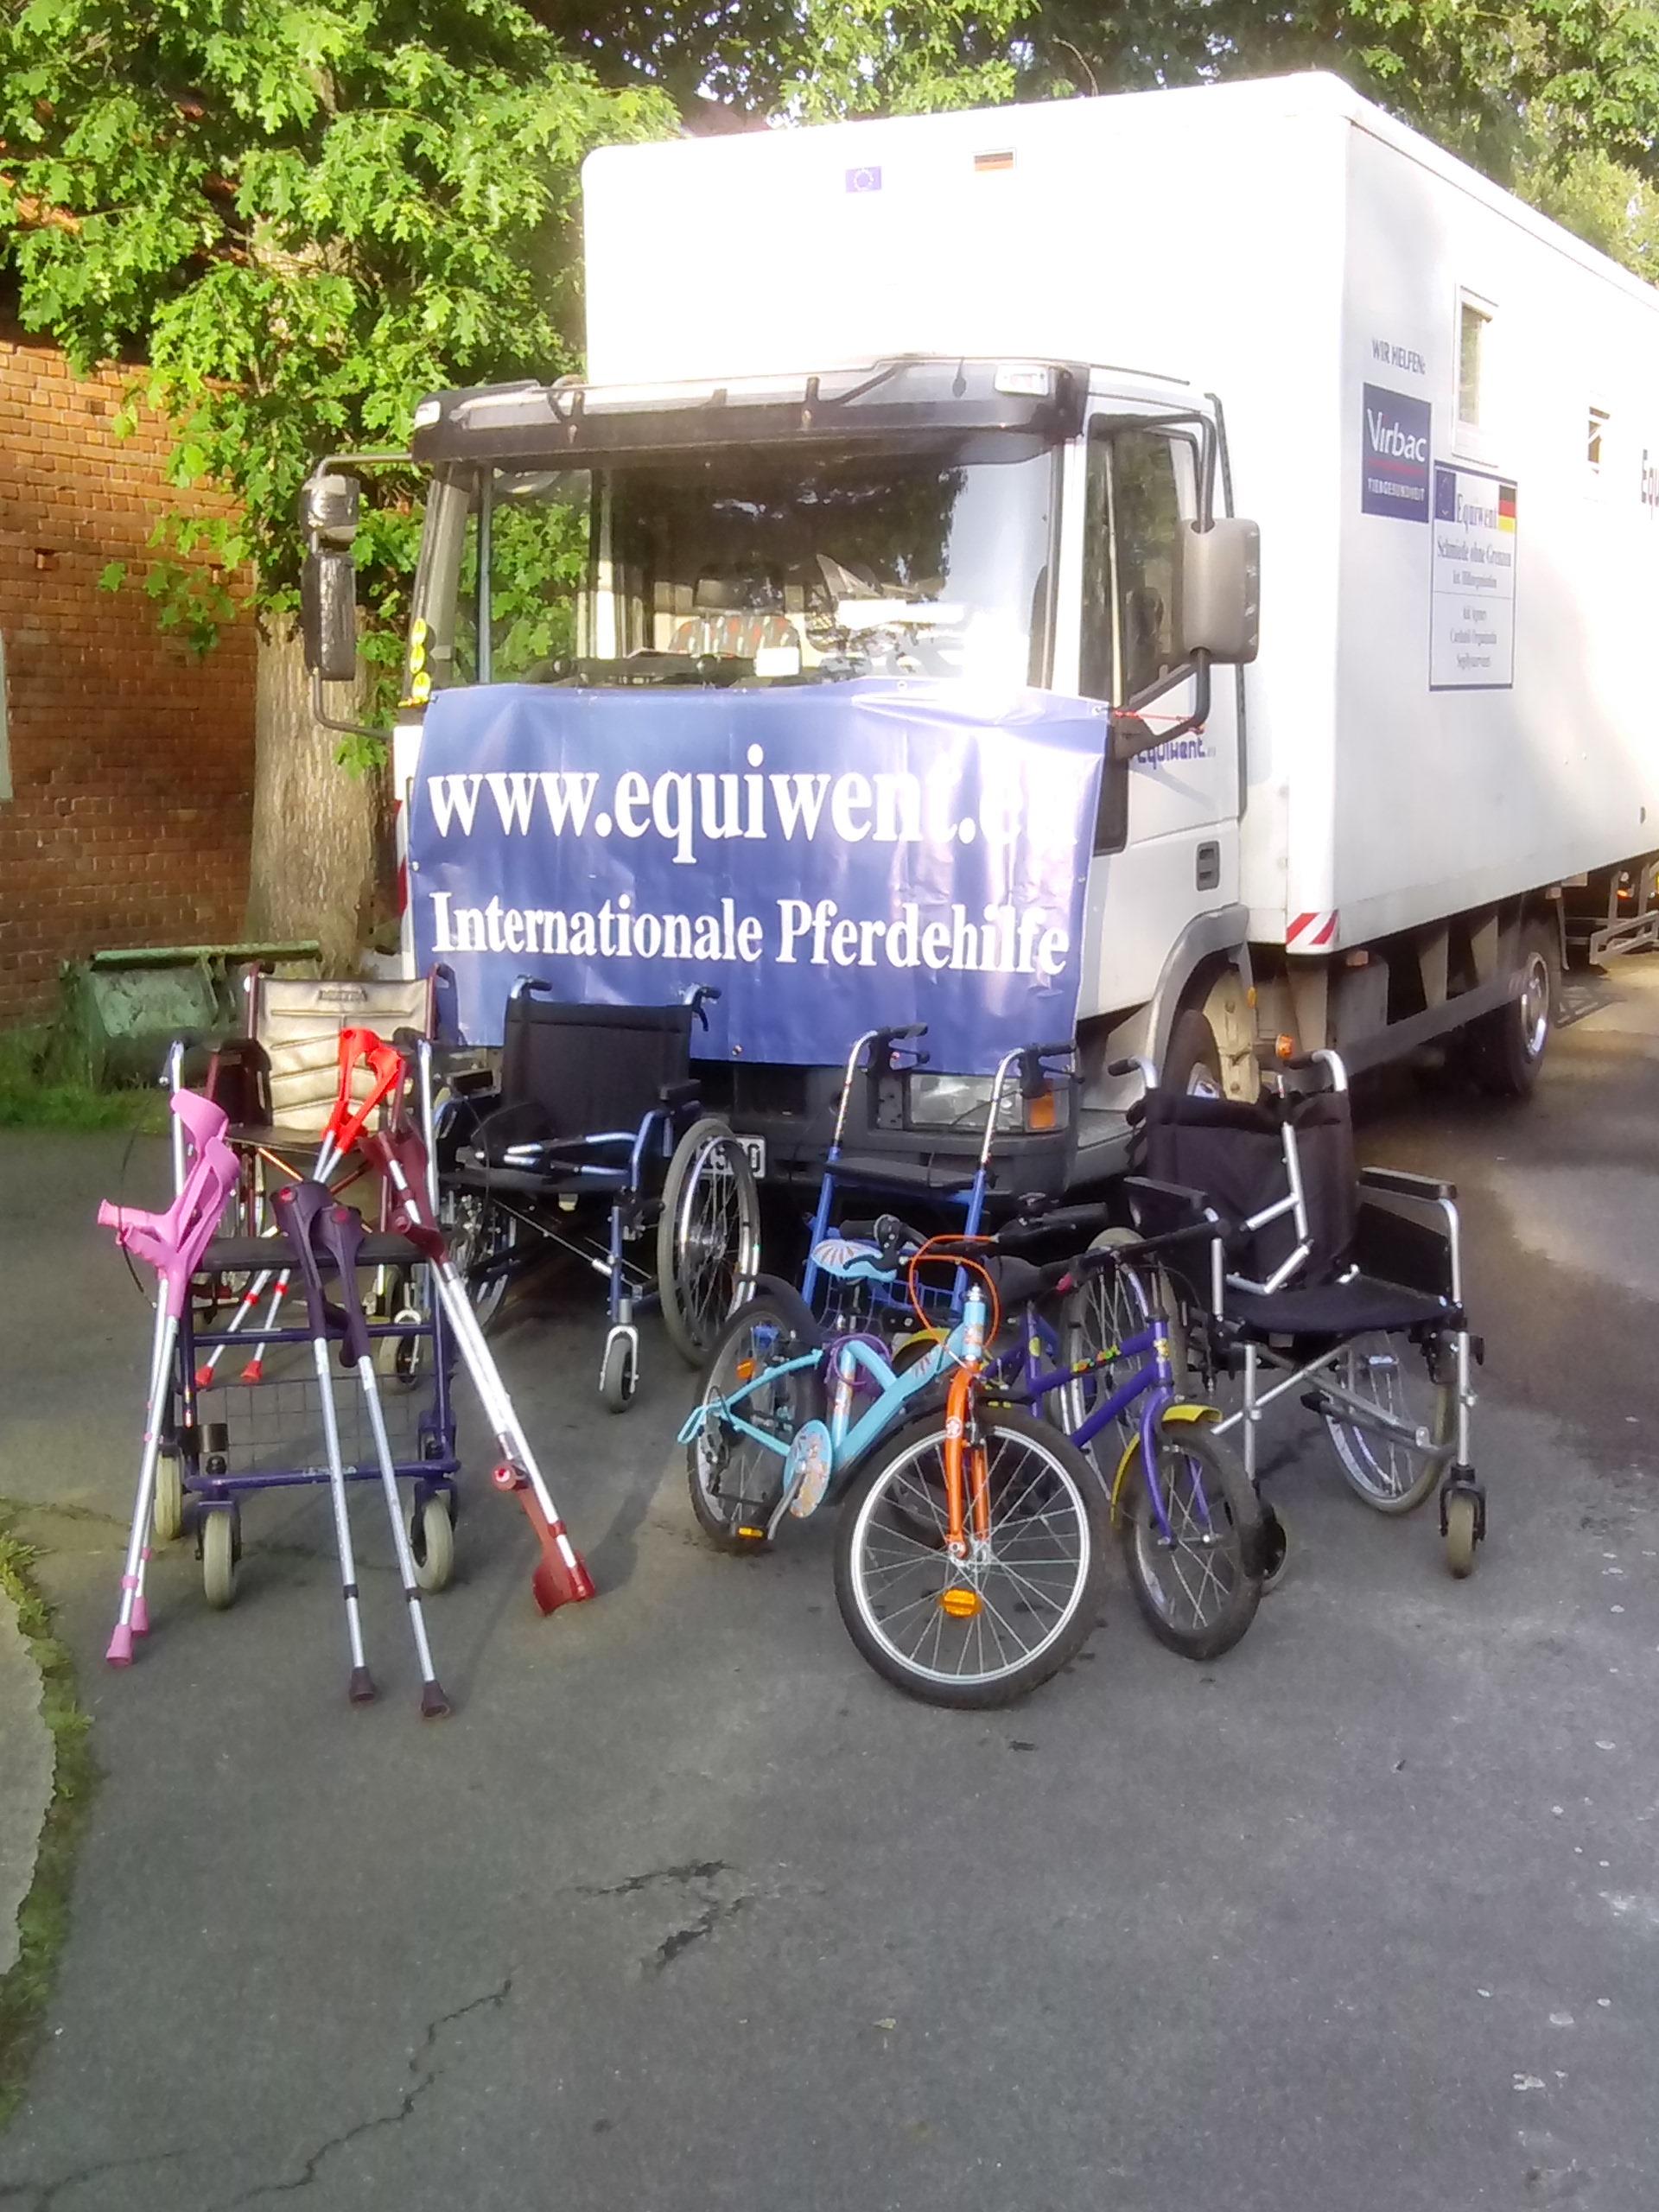 Ab sofort beliefert Equiwent auch Menschen mit Rollstühlen und Rollatoren in Osteuropa. Denn diese Menschen sind bettelarm!   Equiwent-Wir schauen nicht weg!!!